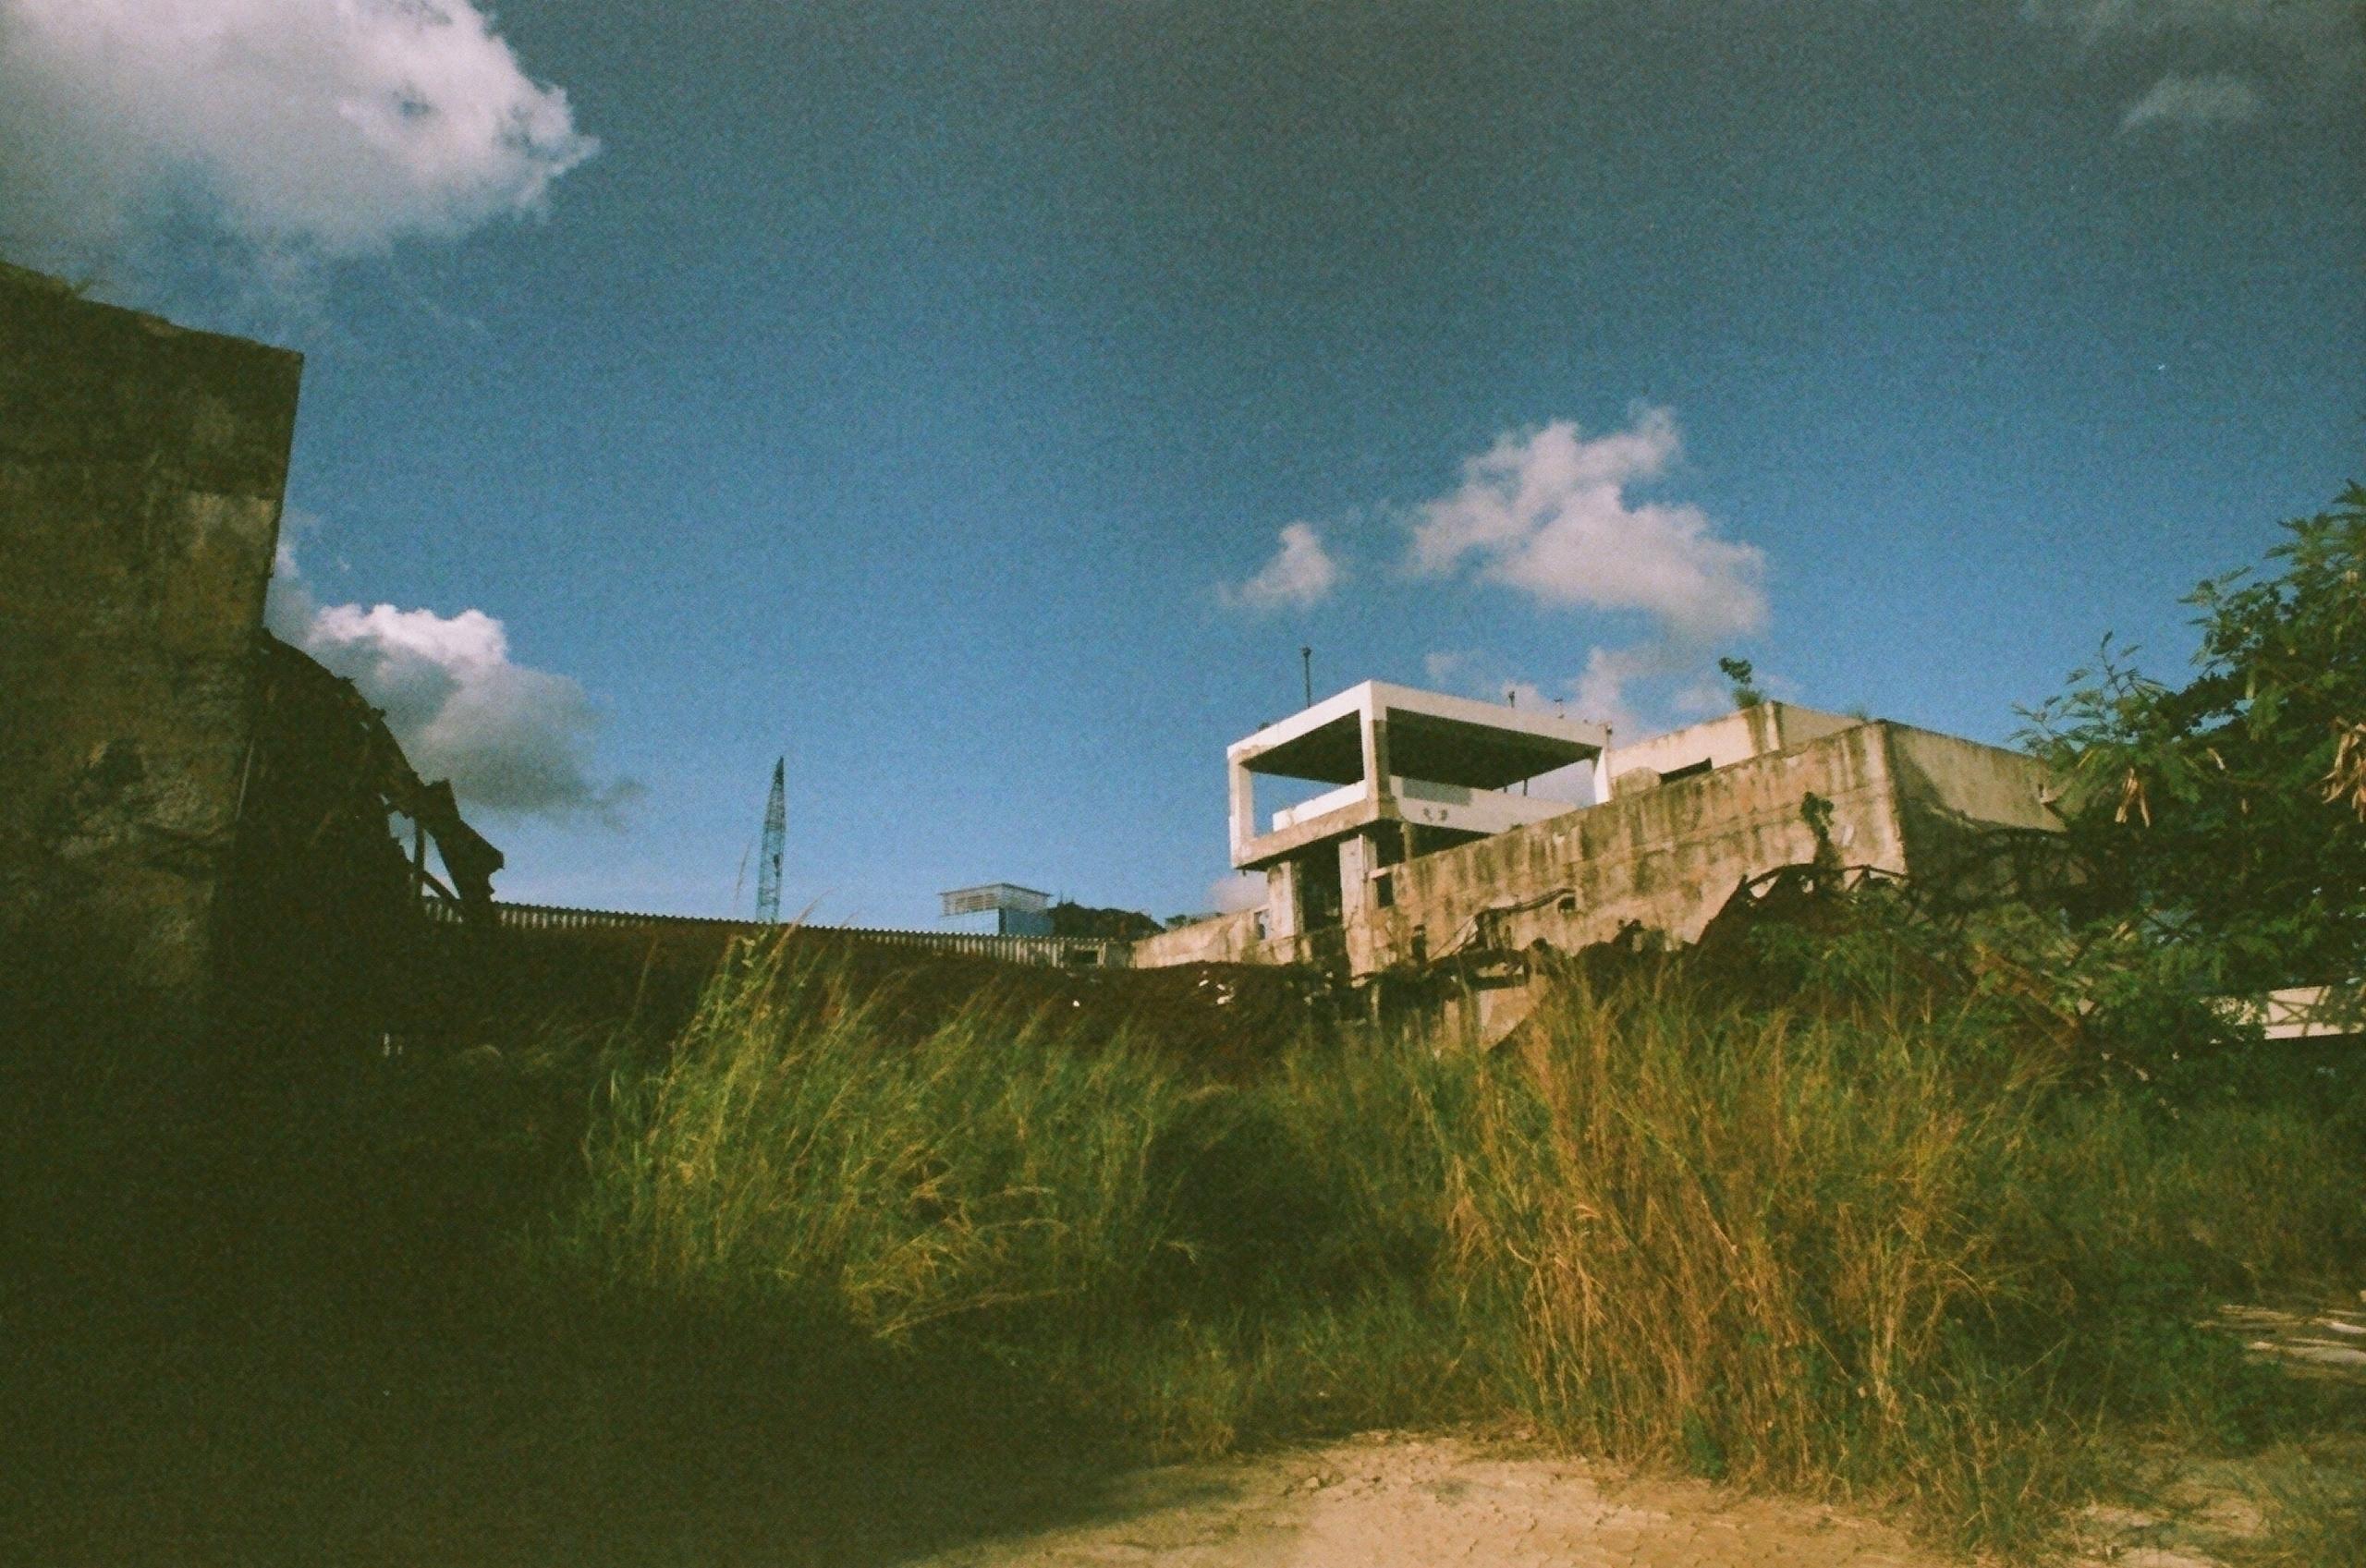 Abandoned fire station Hong Kon - ruinsstop220215 | ello